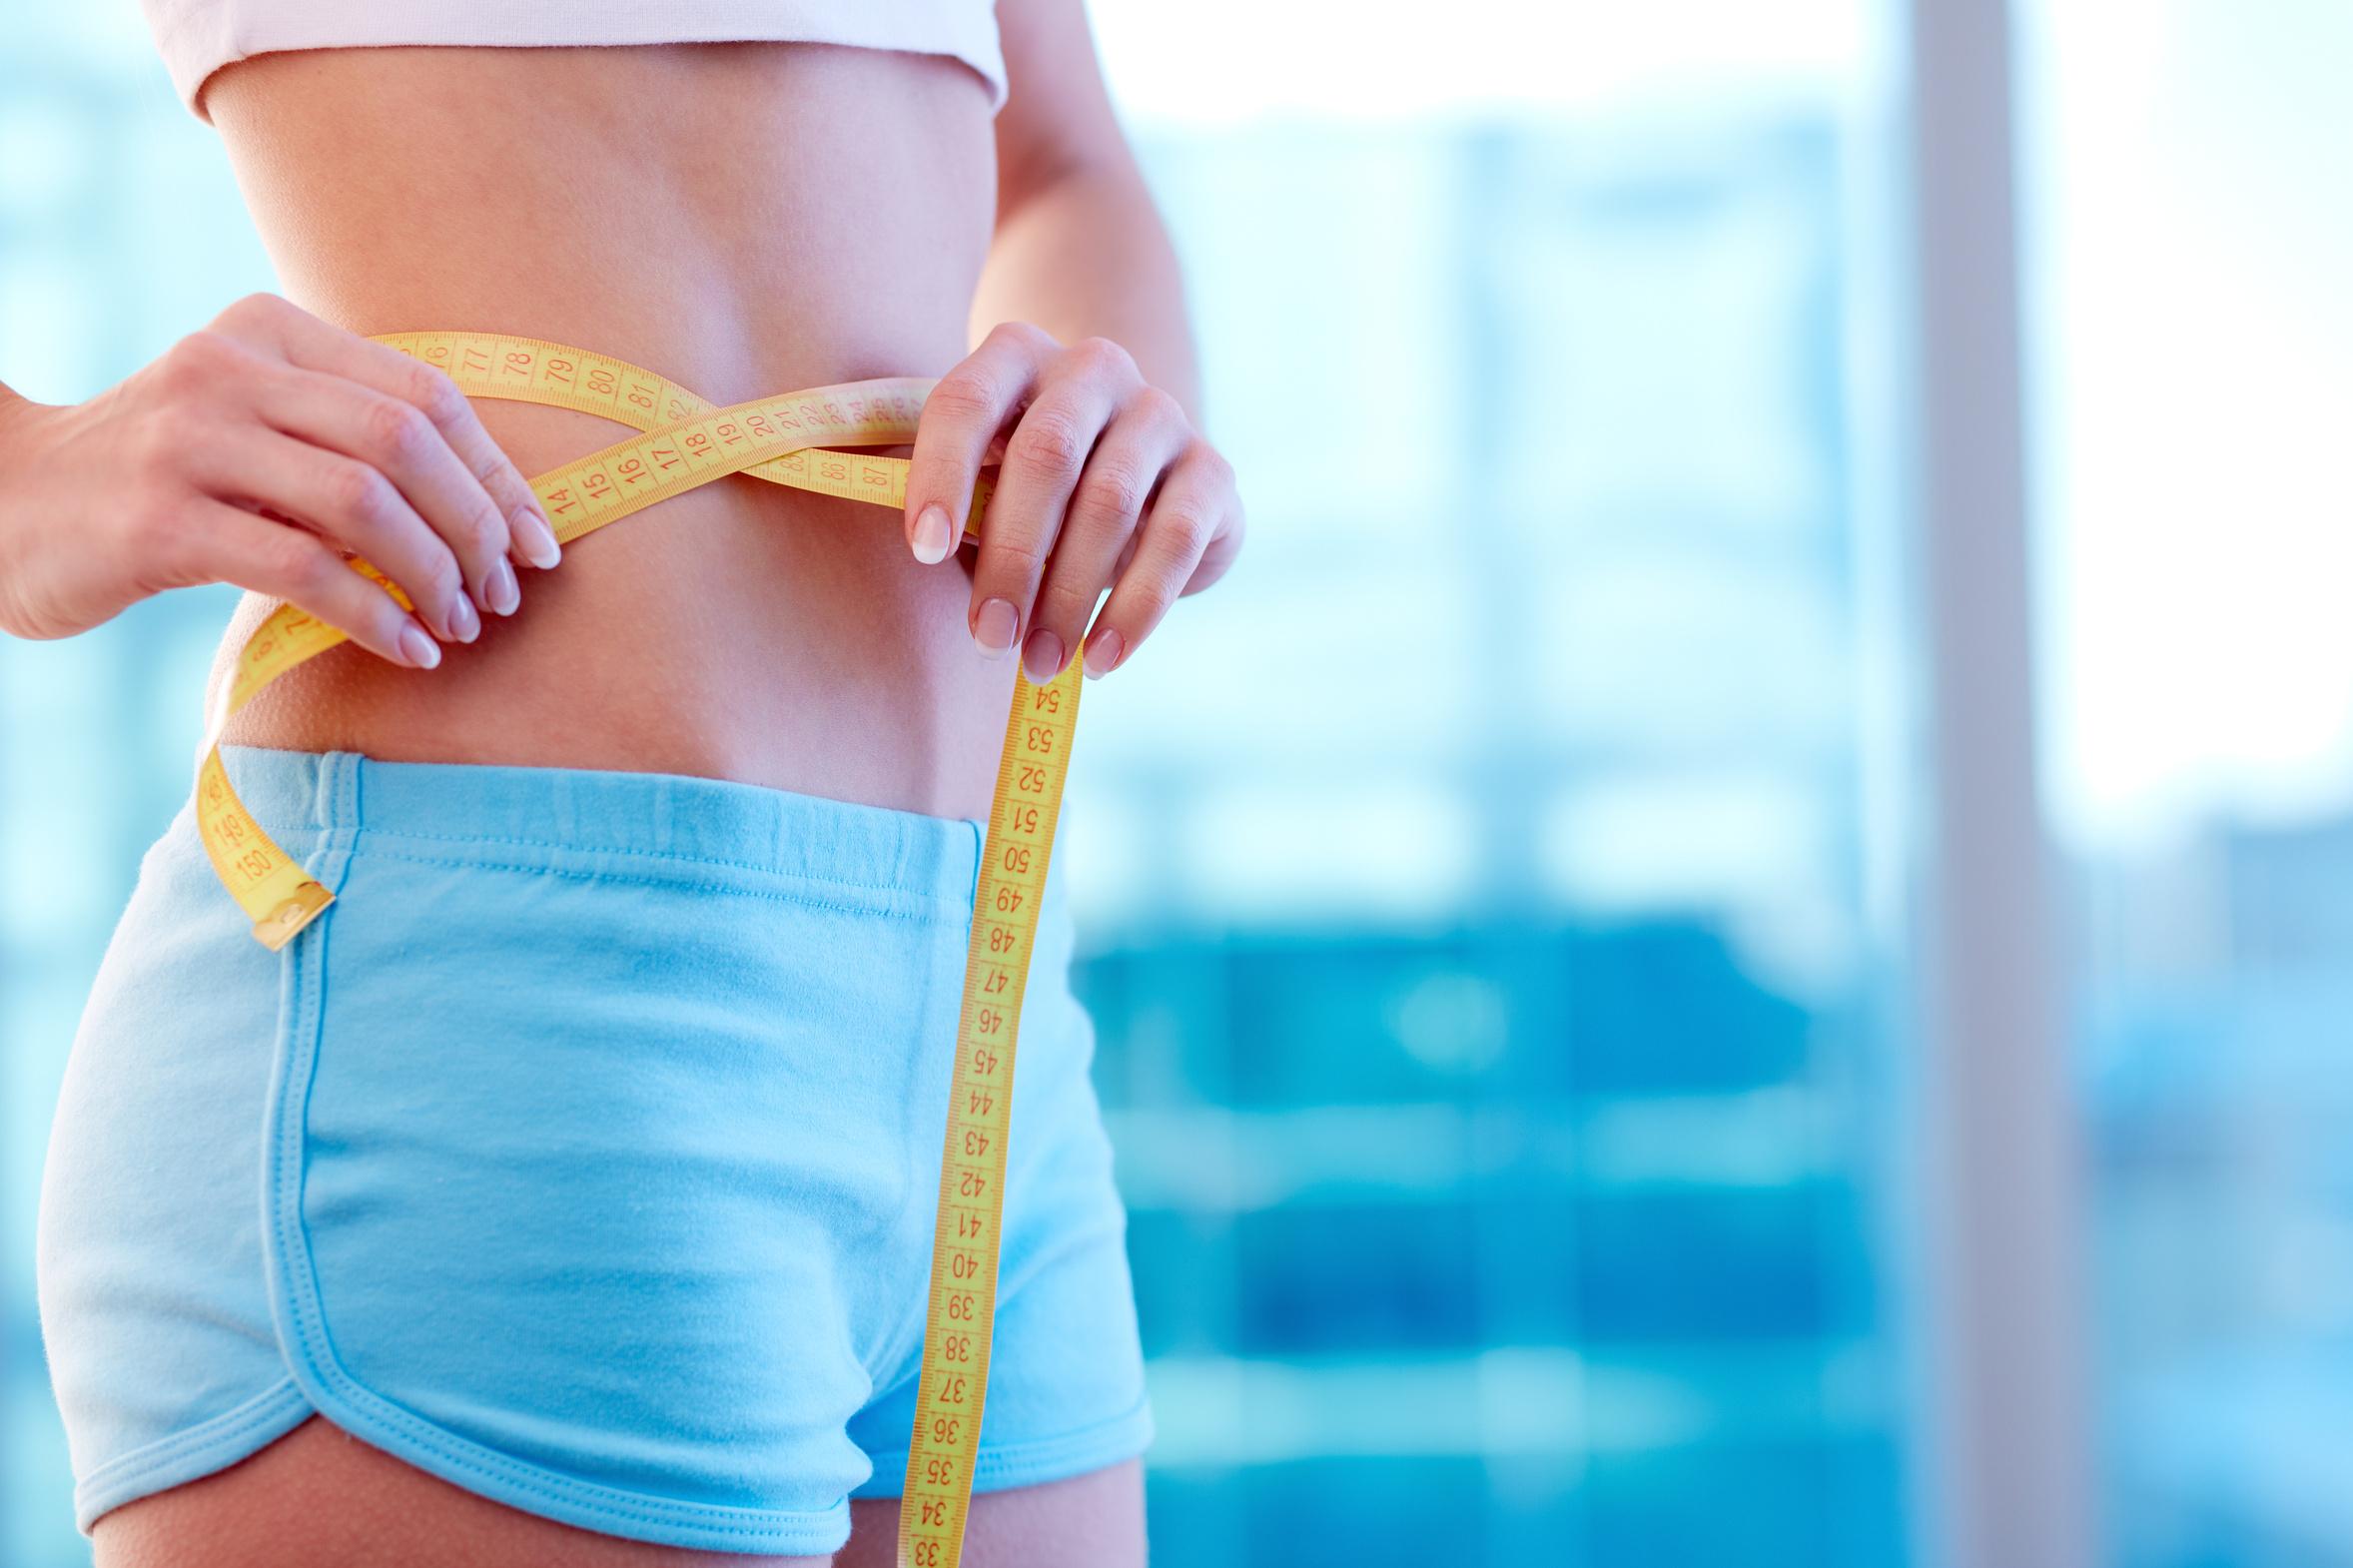 gyakorlatok fogyni egy héten 10 kiló punds